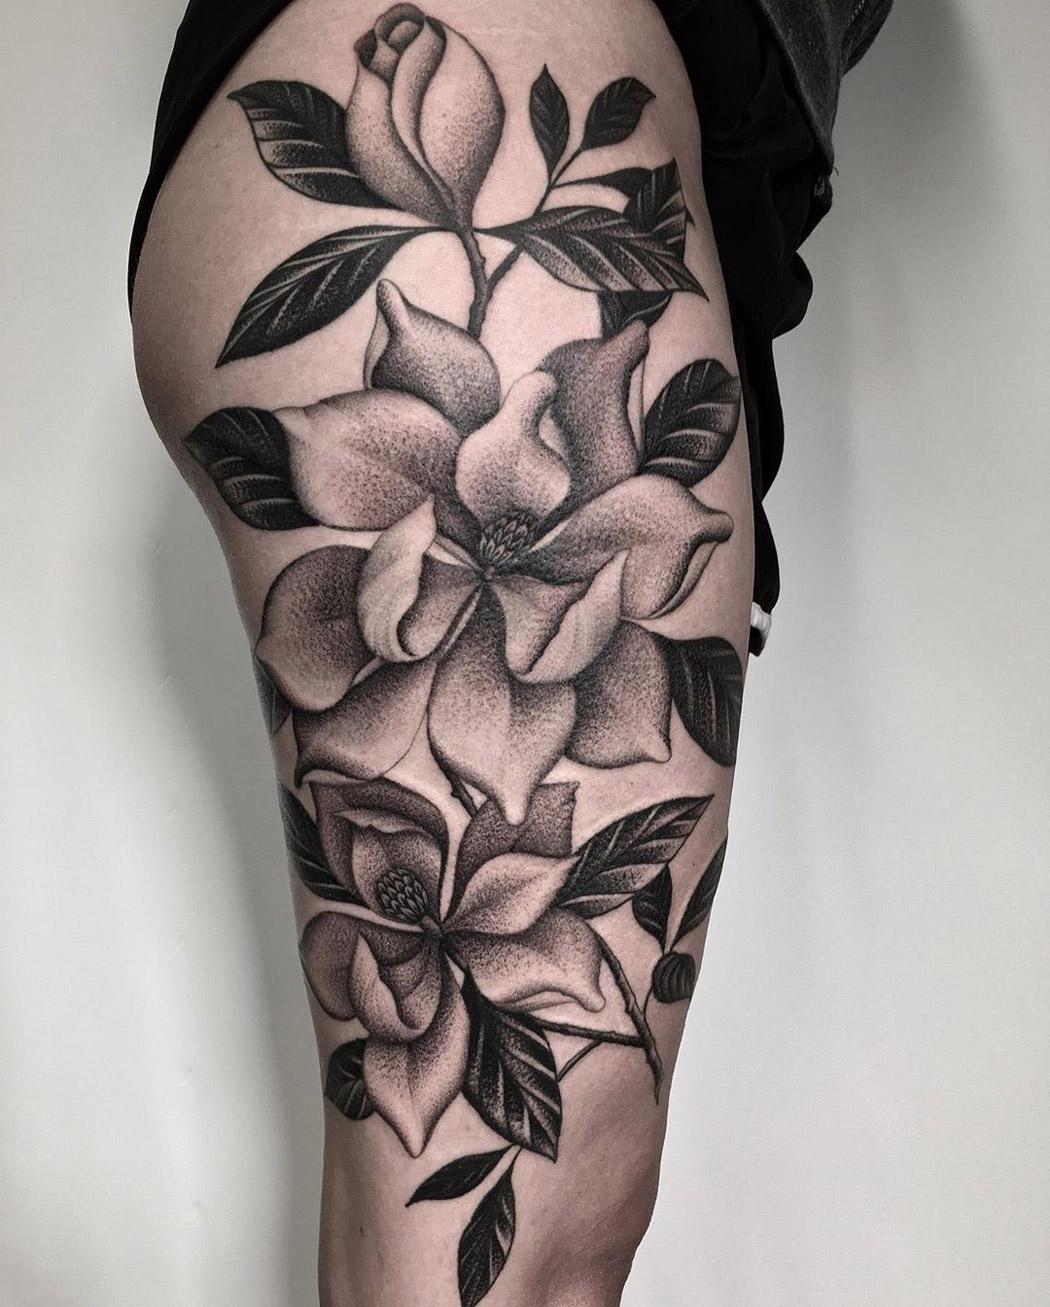 Magnolias b&g thigh tattoo